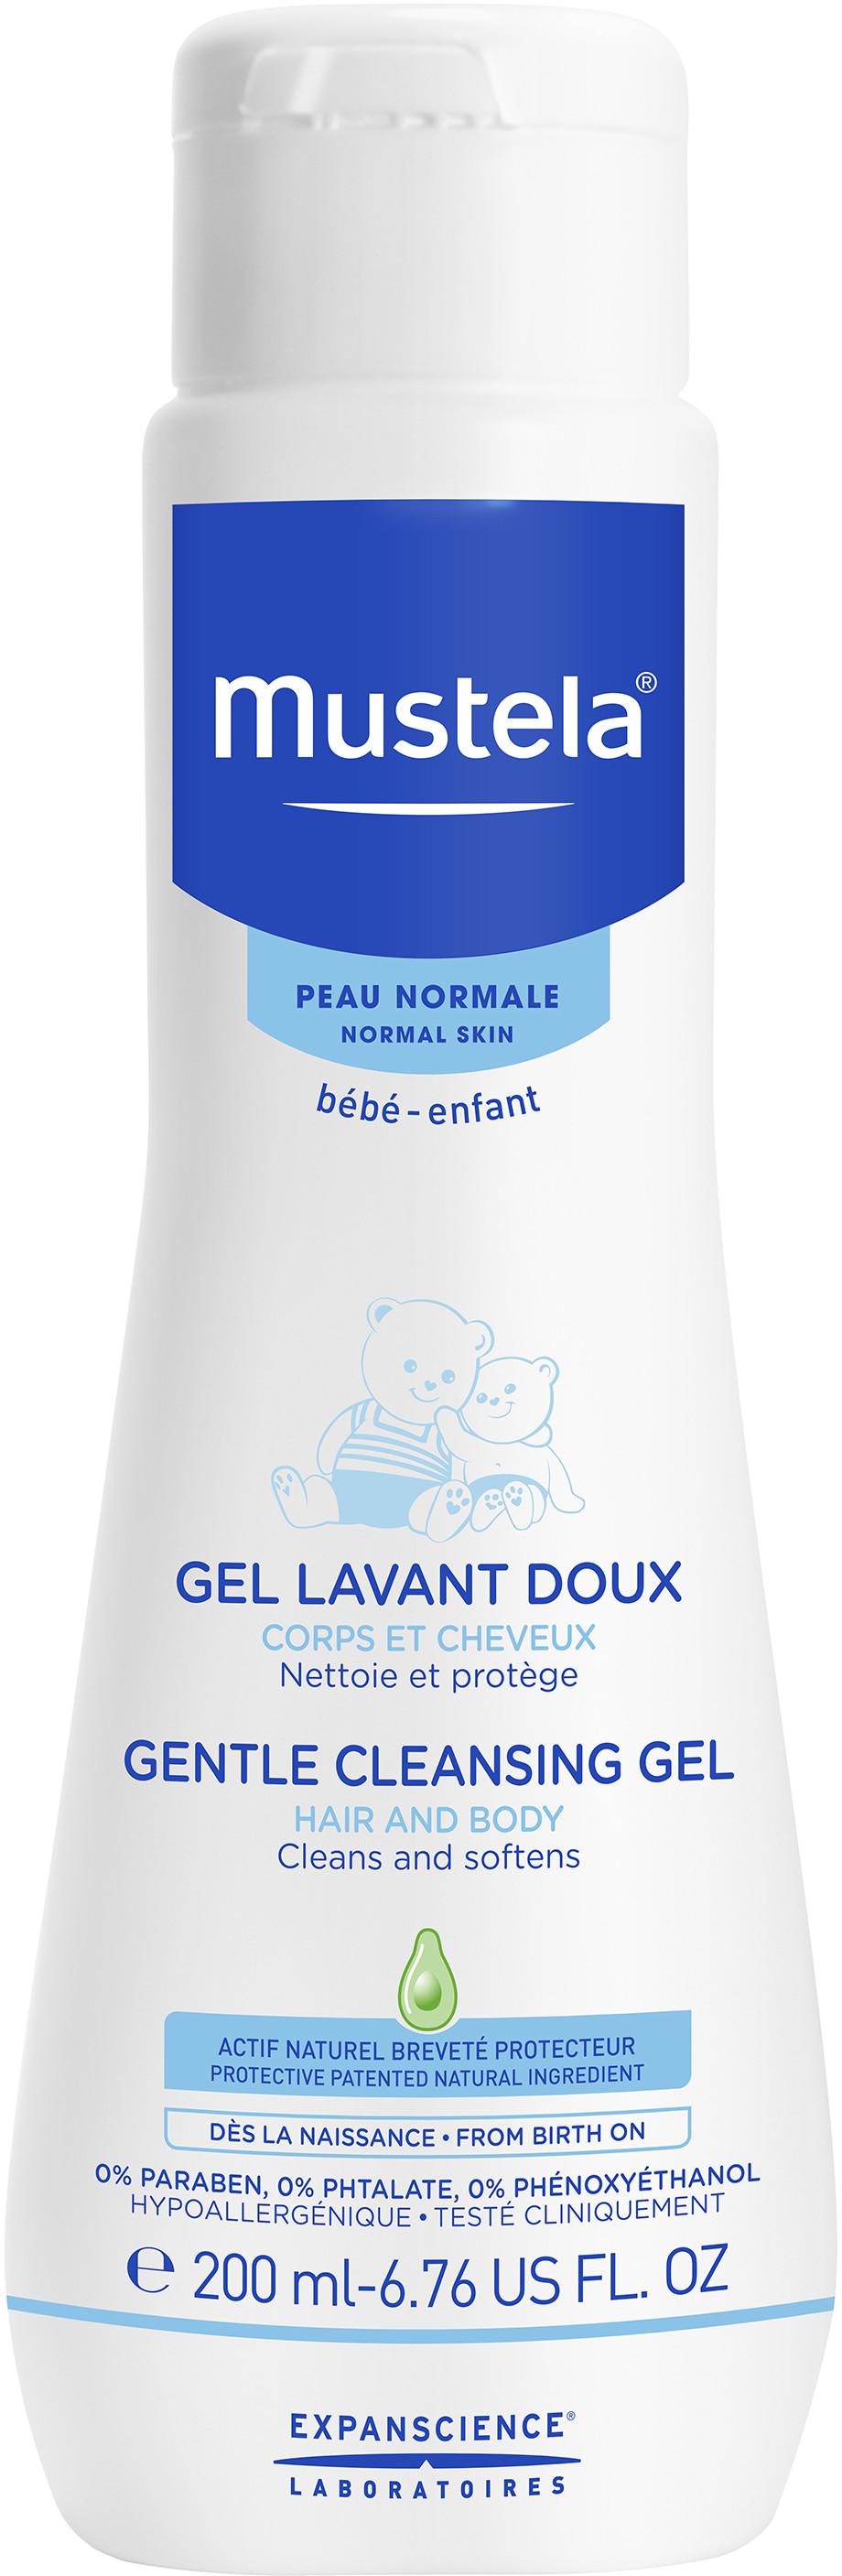 Mustela Bebe-Enfant, delikatny żel do mycia, 200 ml Duży wybór produktów | Dostawa kurierem DHL za 10.90zł !!!| Szybka wysyłka do 2 dni roboczych! | 7083055